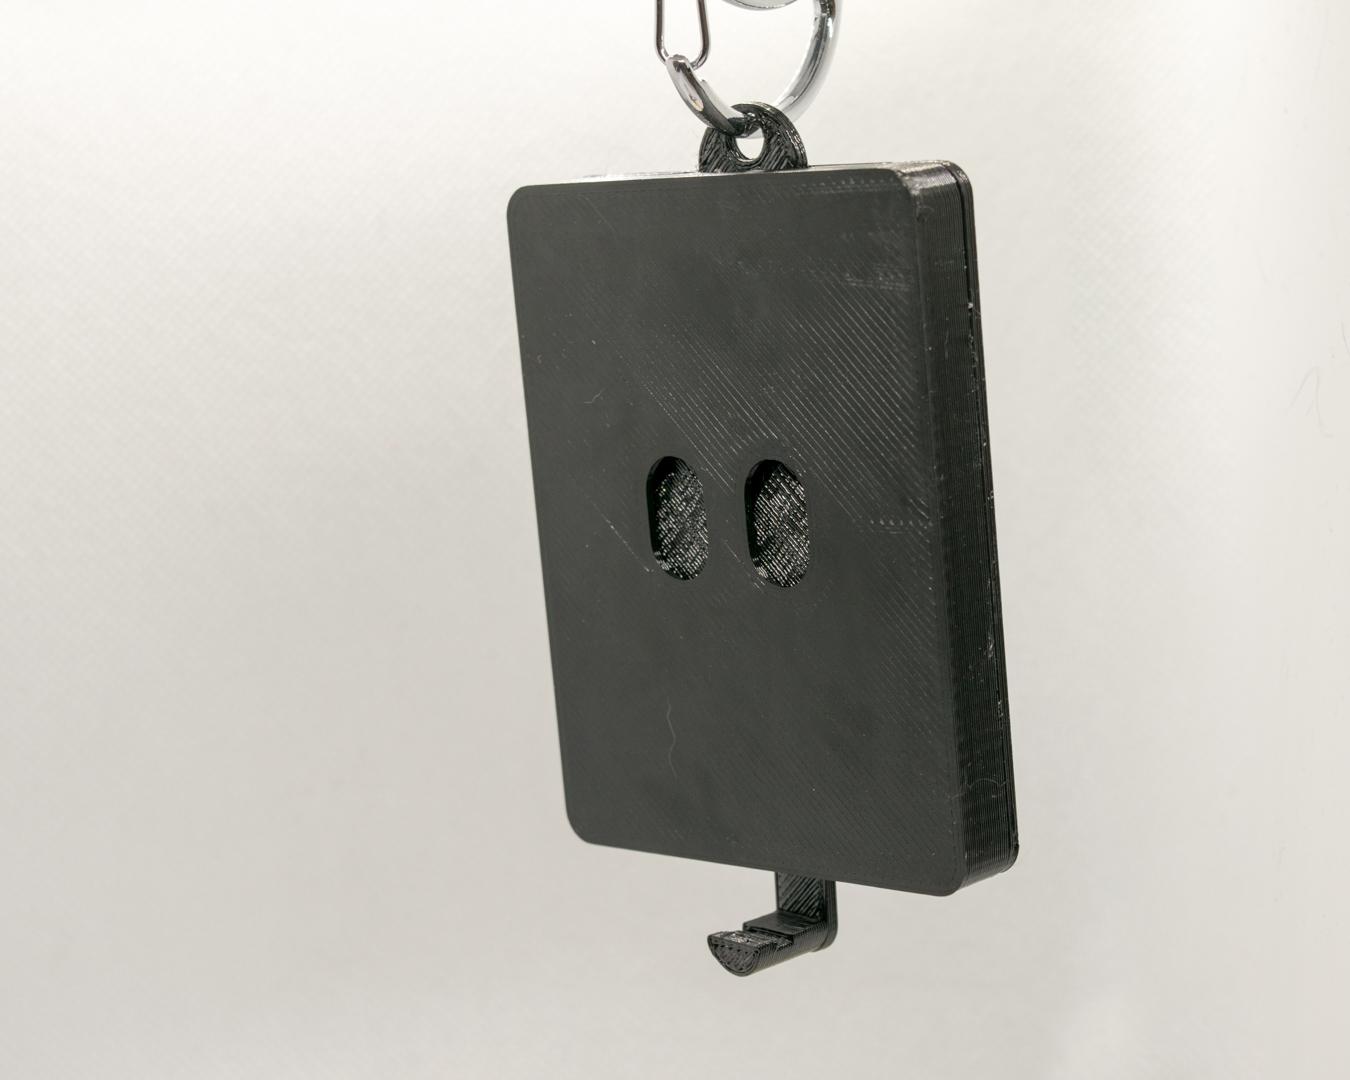 Schlüsselbrett, Keyguard, Augen geschlossen